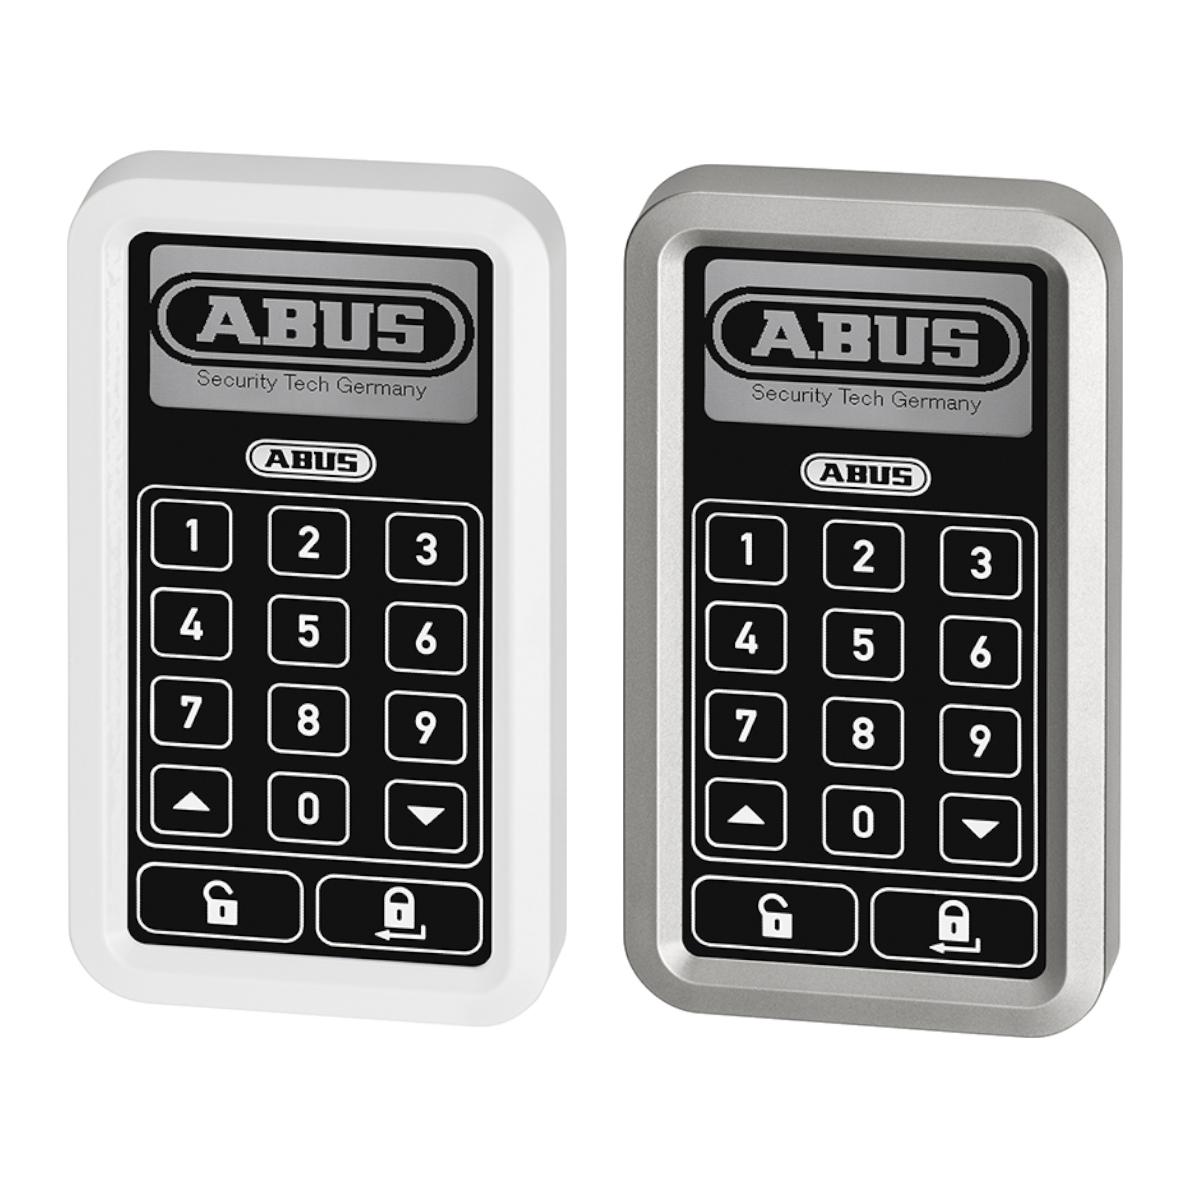 ABUS HomeTec Pro Funk-Tastatur in silber oder weiß